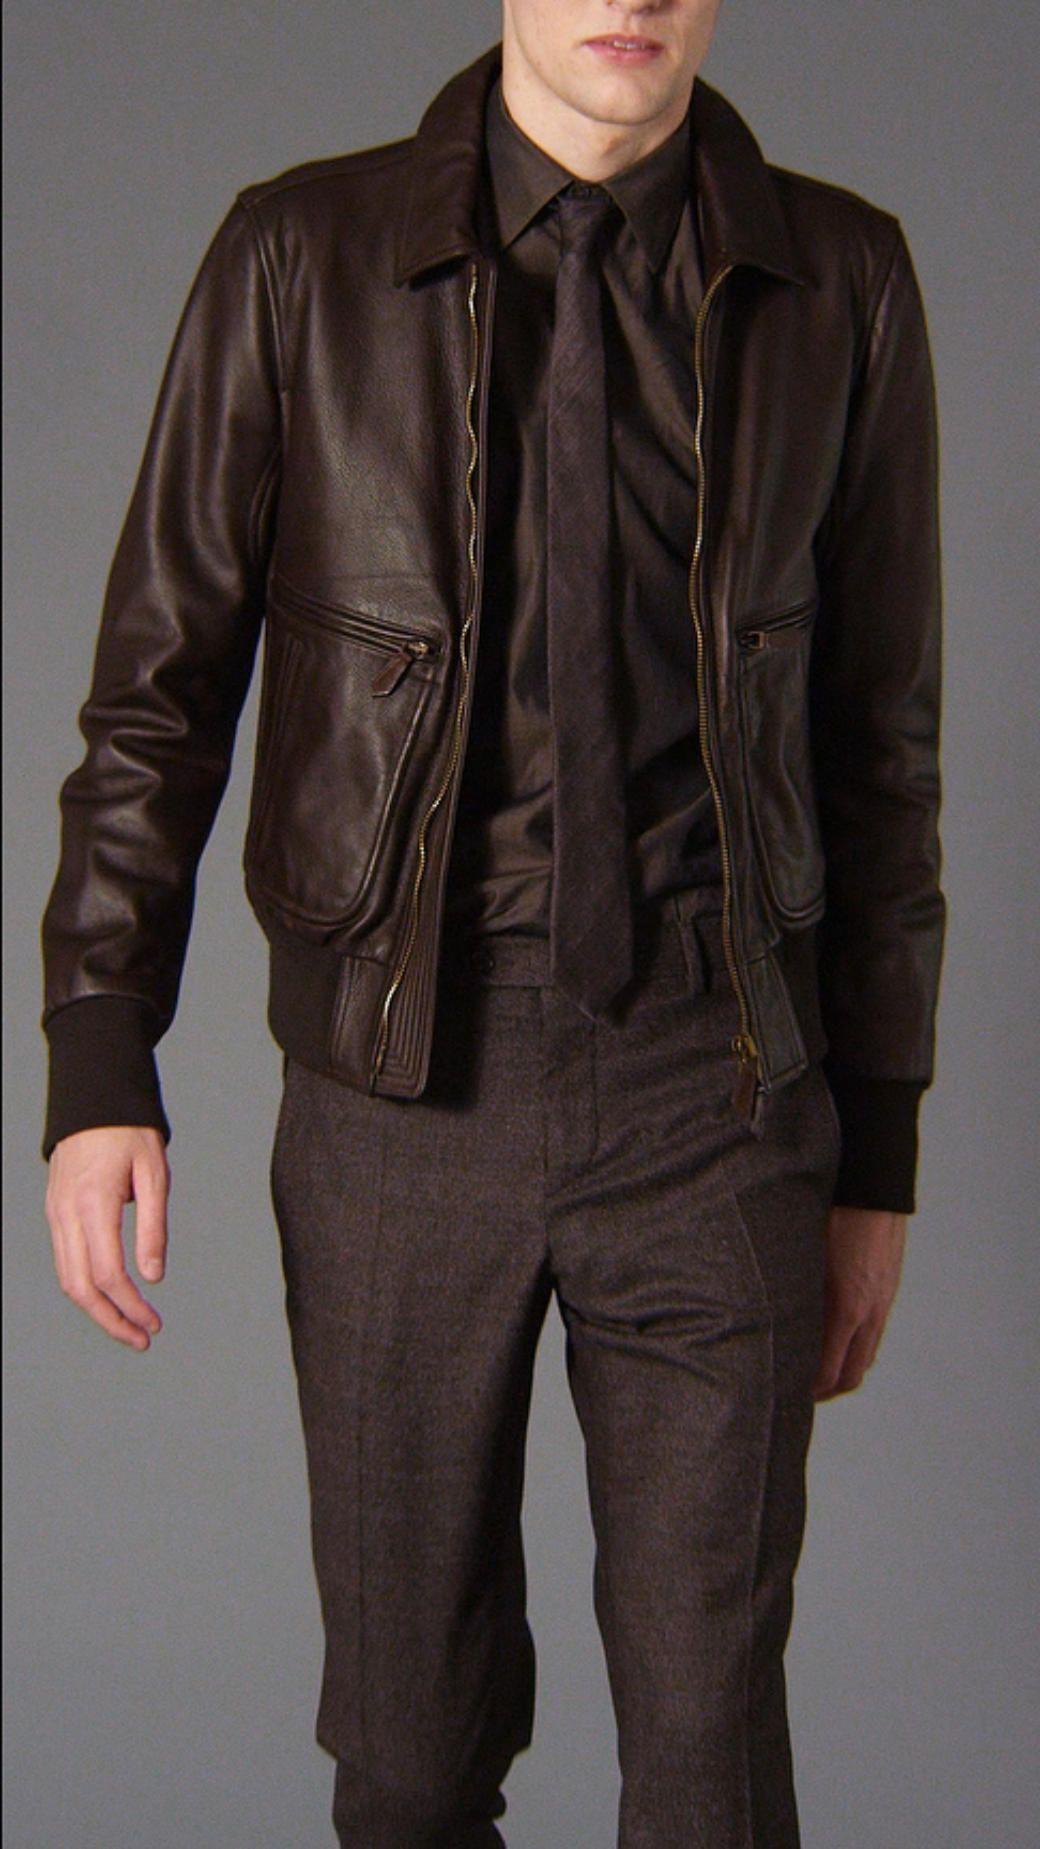 Burberry Leather Bomber Jacket Leather Jacket Men Mens Outfits Leather Bomber Jacket [ 1849 x 1040 Pixel ]